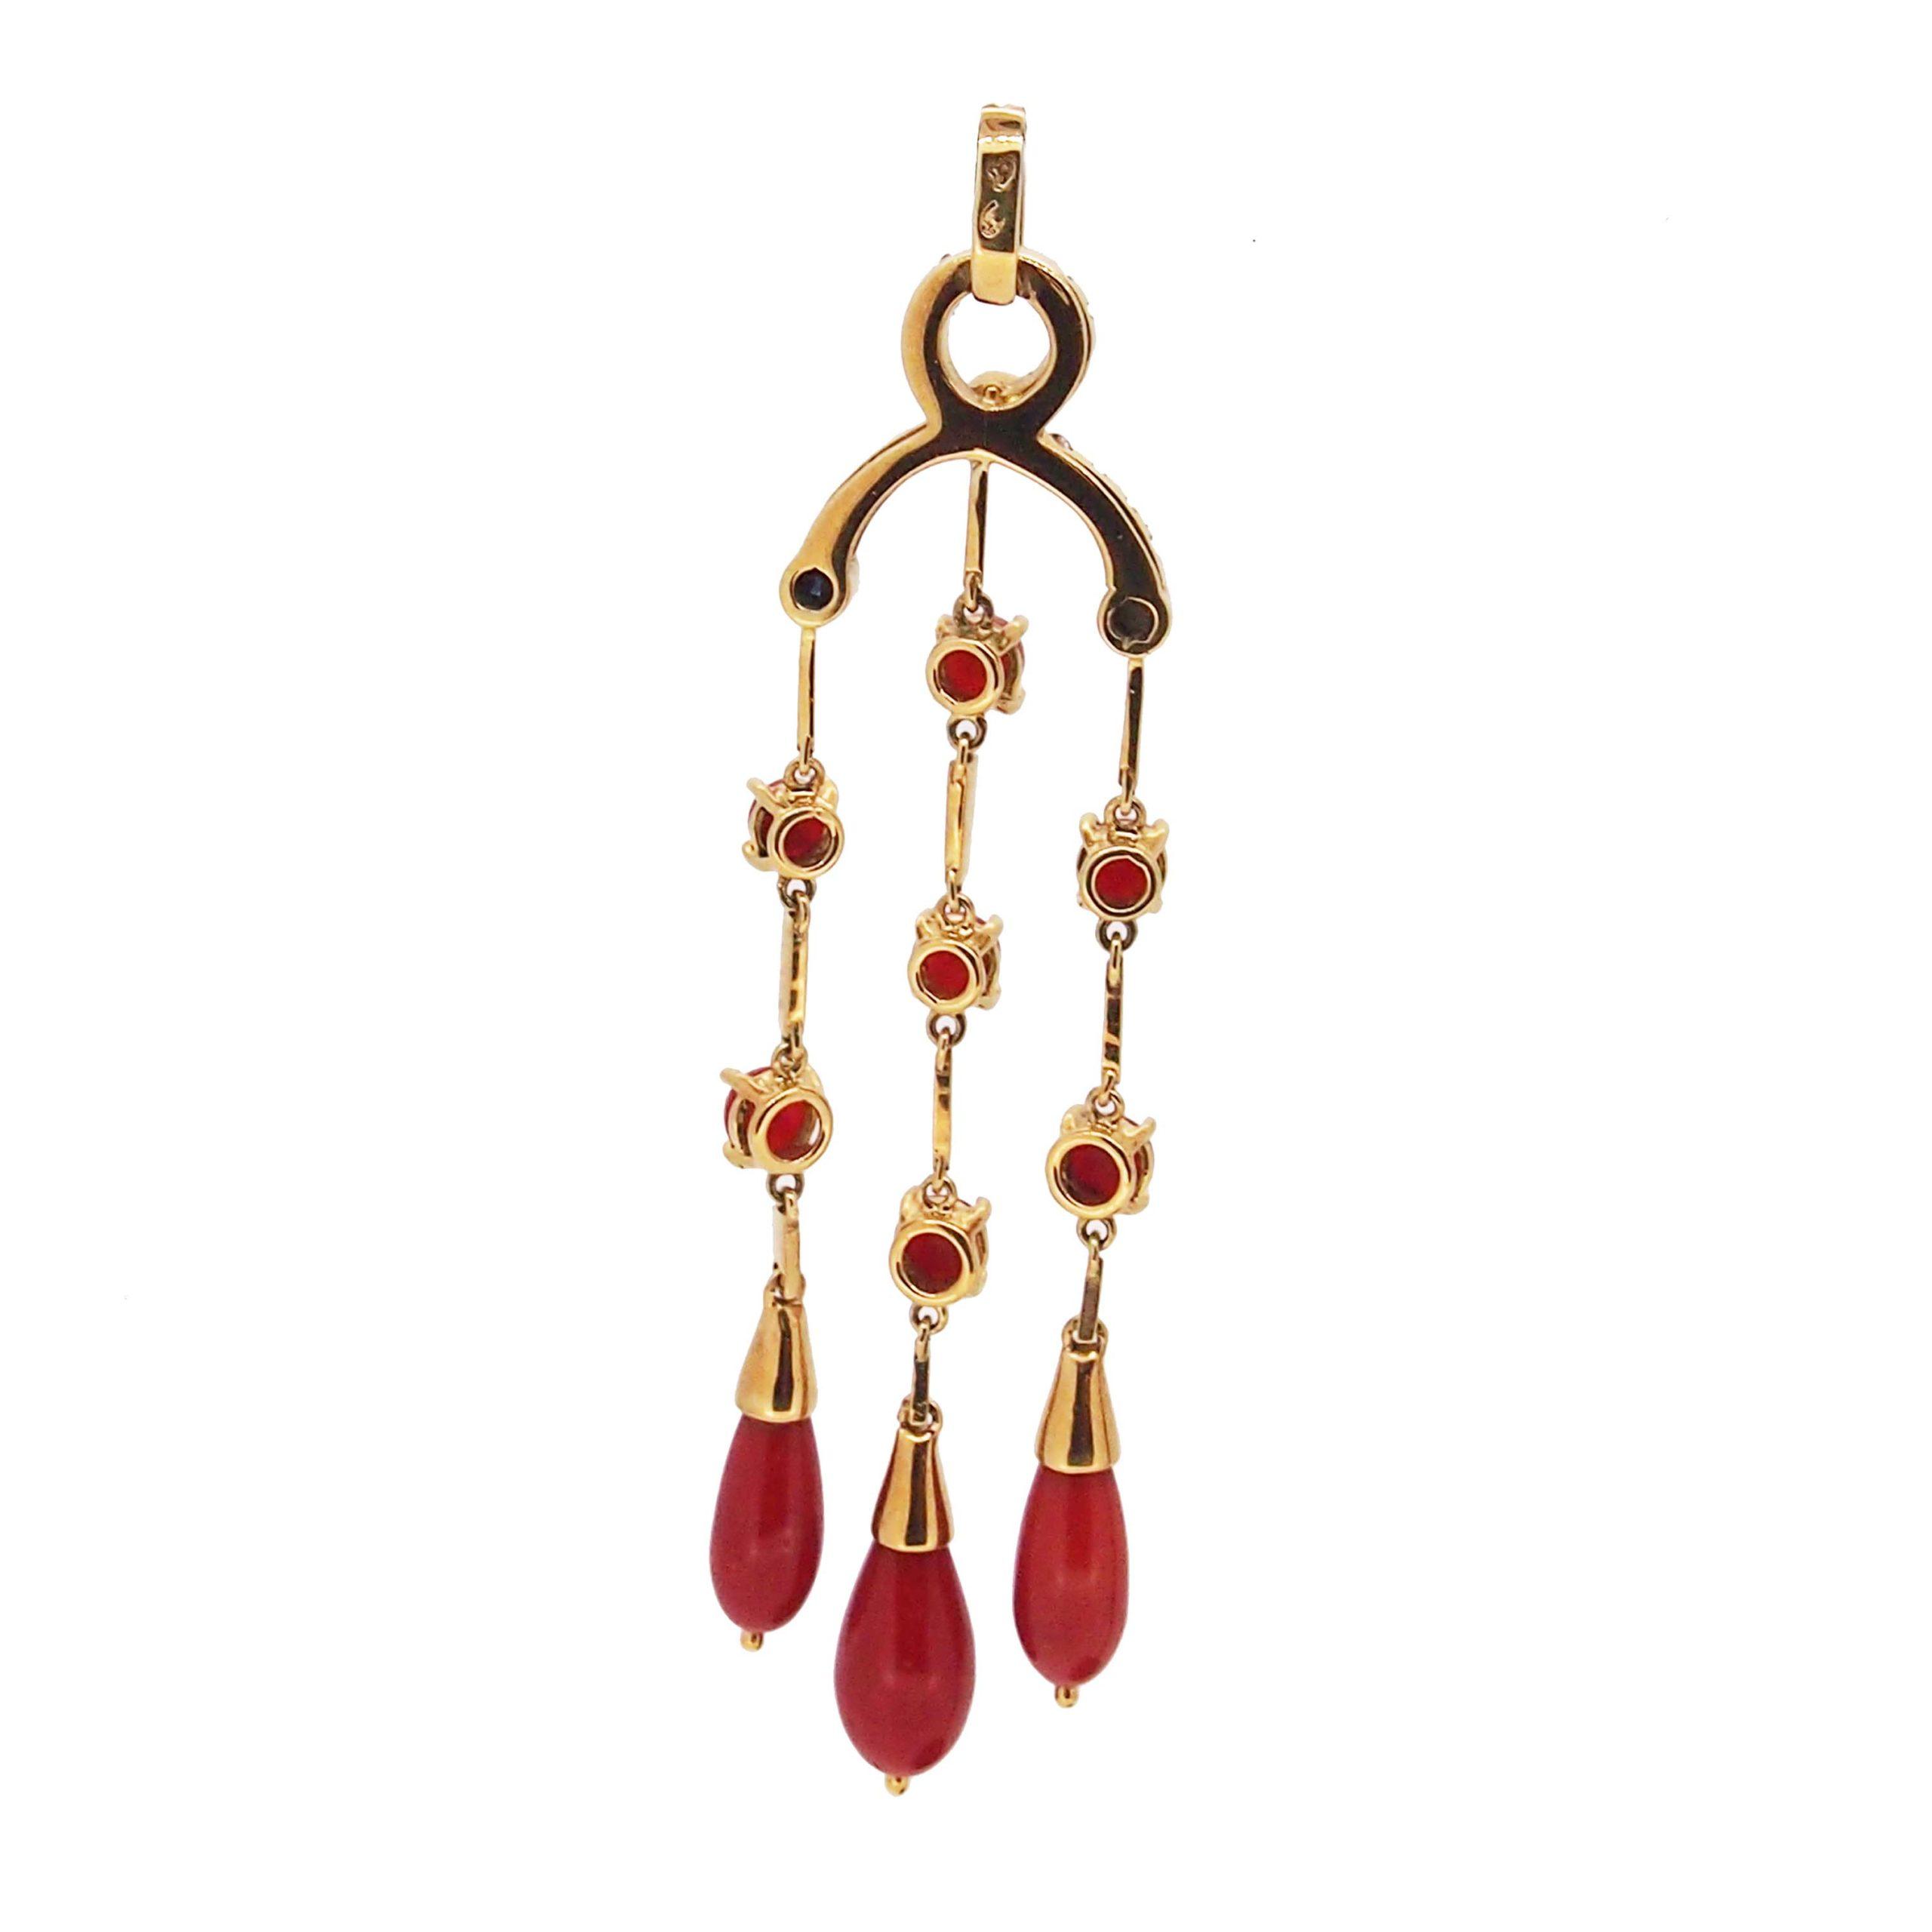 pendentif pampilles or jaune 18k corail rouge de méditerranée diamants et saphirs